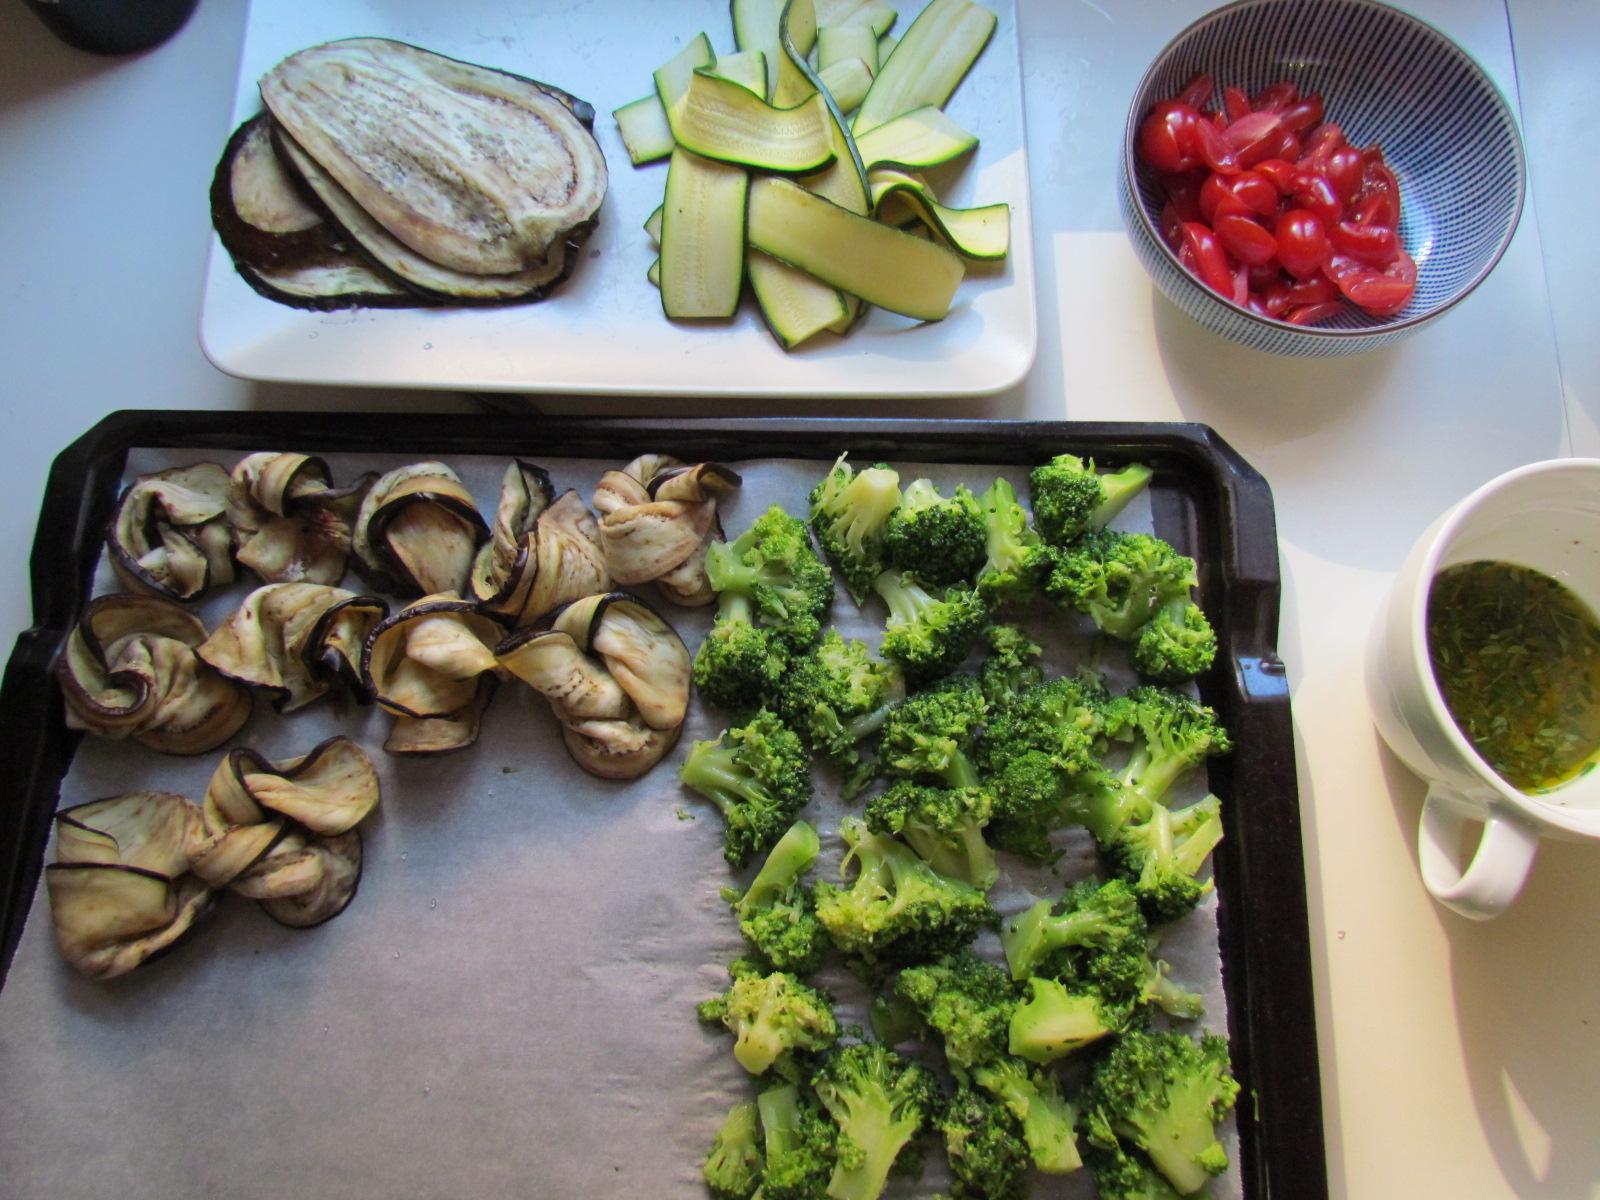 In cucina con lorella teglia di verdure con aromi freschi - Aromi in cucina ...